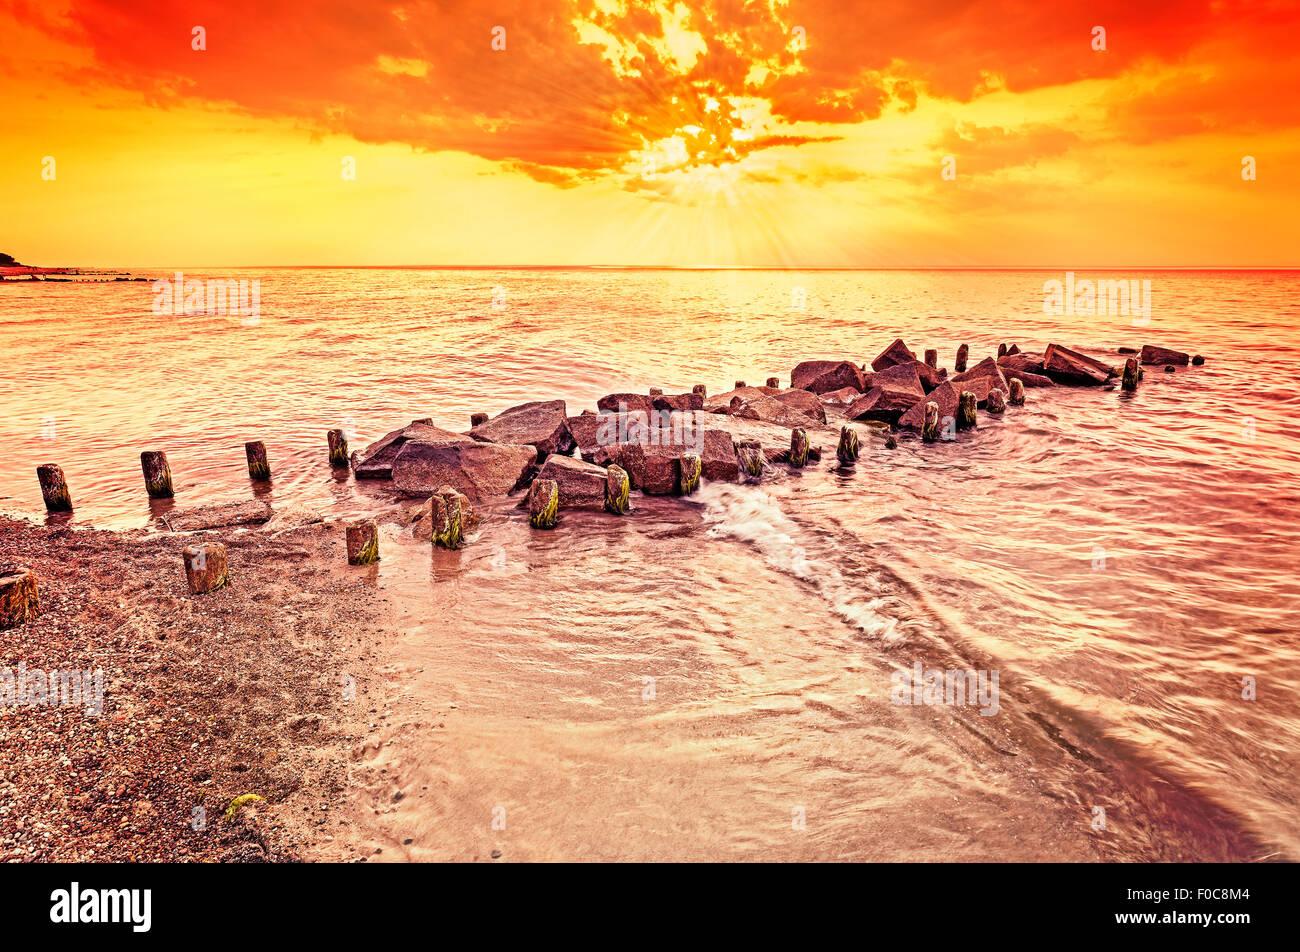 Ámbar hermoso atardecer en la playa, verano de fondo. Imagen De Stock